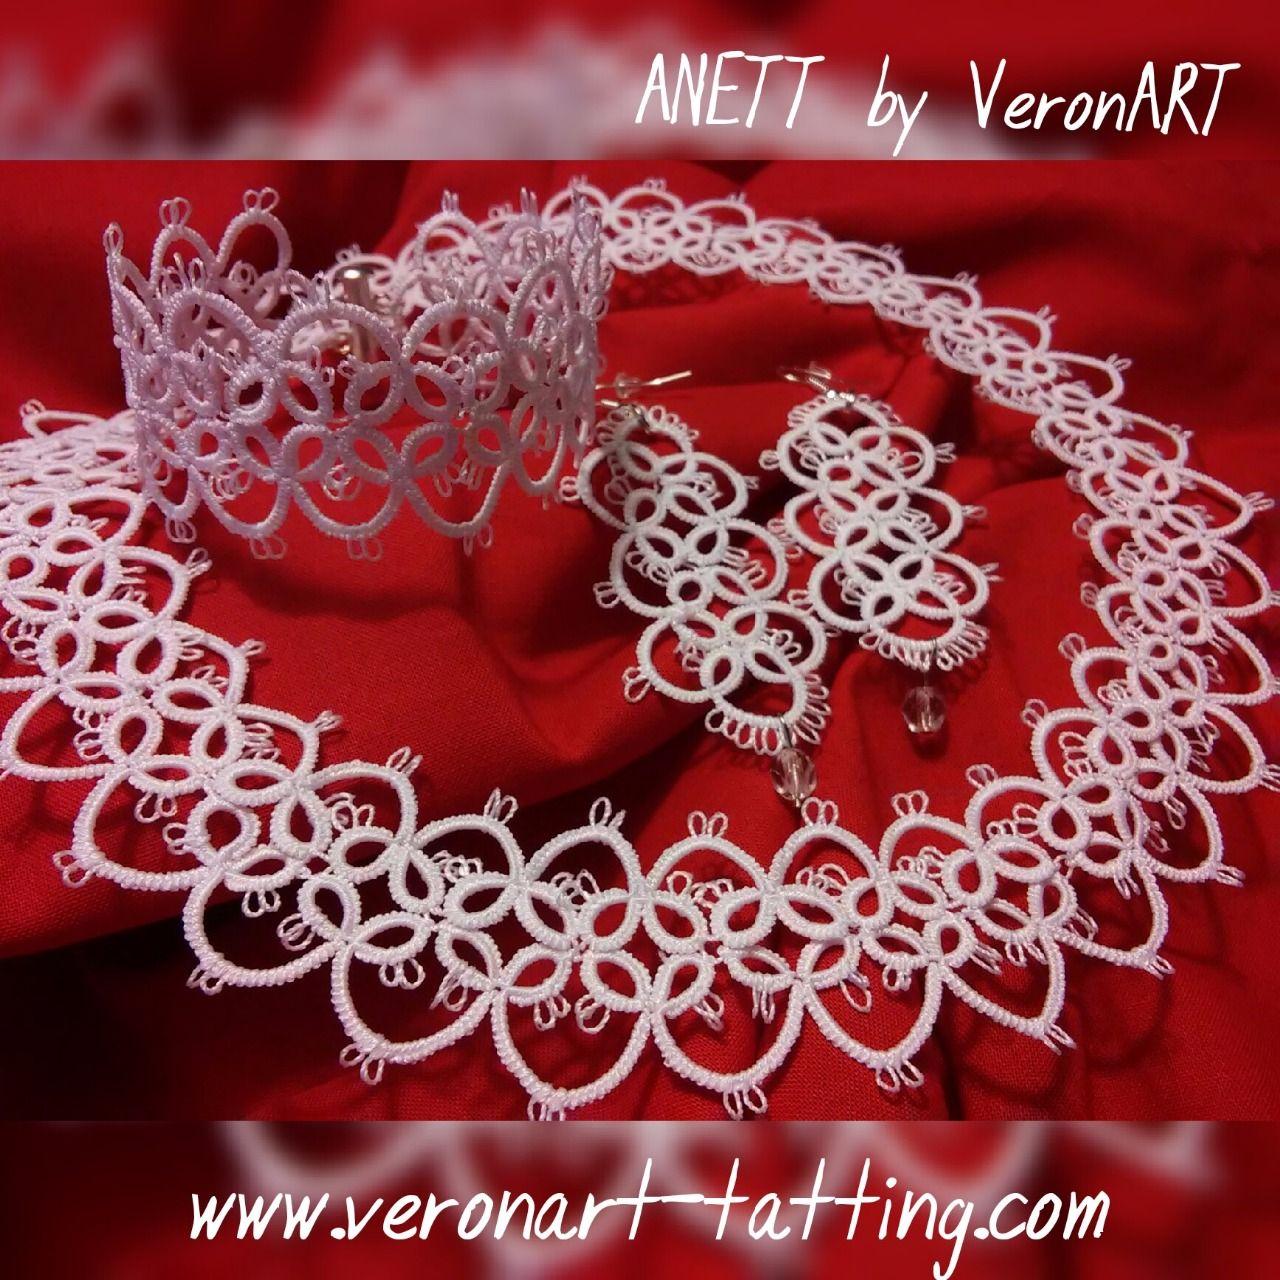 b9df617e5c LAURA törtfehér hajócsipke menyasszonyi kesztyű / karkötő /mandzsetta,  horgolt ékszer (CsipkeVera | My works: for wedding | Jewelry, Crochet  Necklace és ...